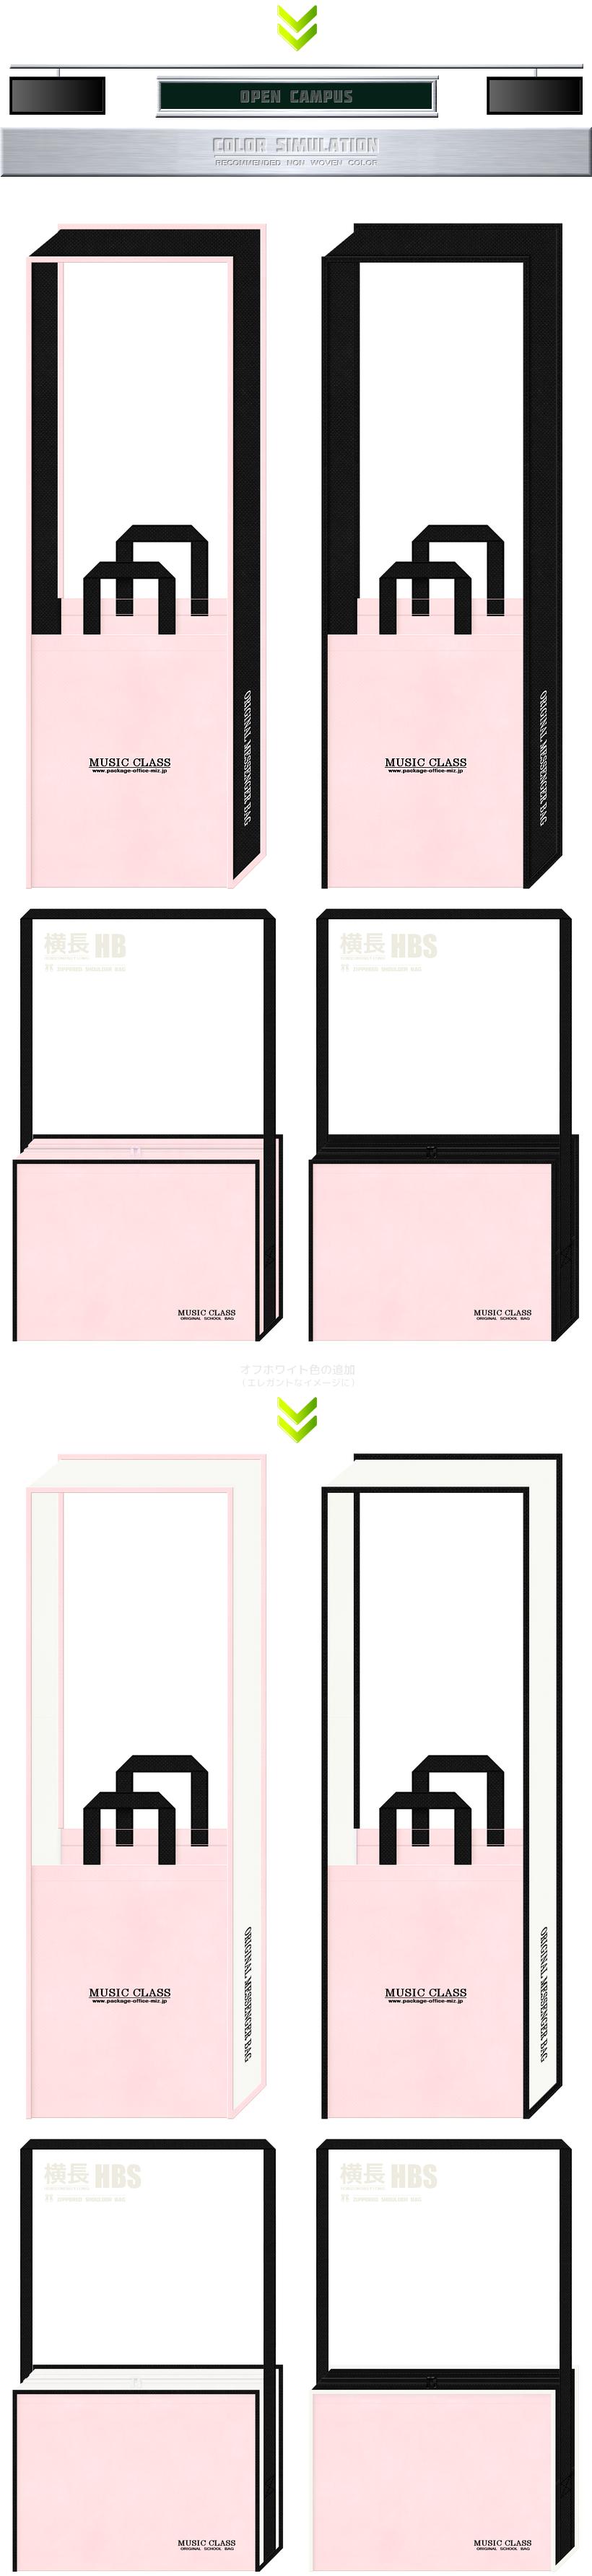 桜色と黒色の不織布バッグカラーシミュレーション:音楽学校・音楽教室のスクールバッグ